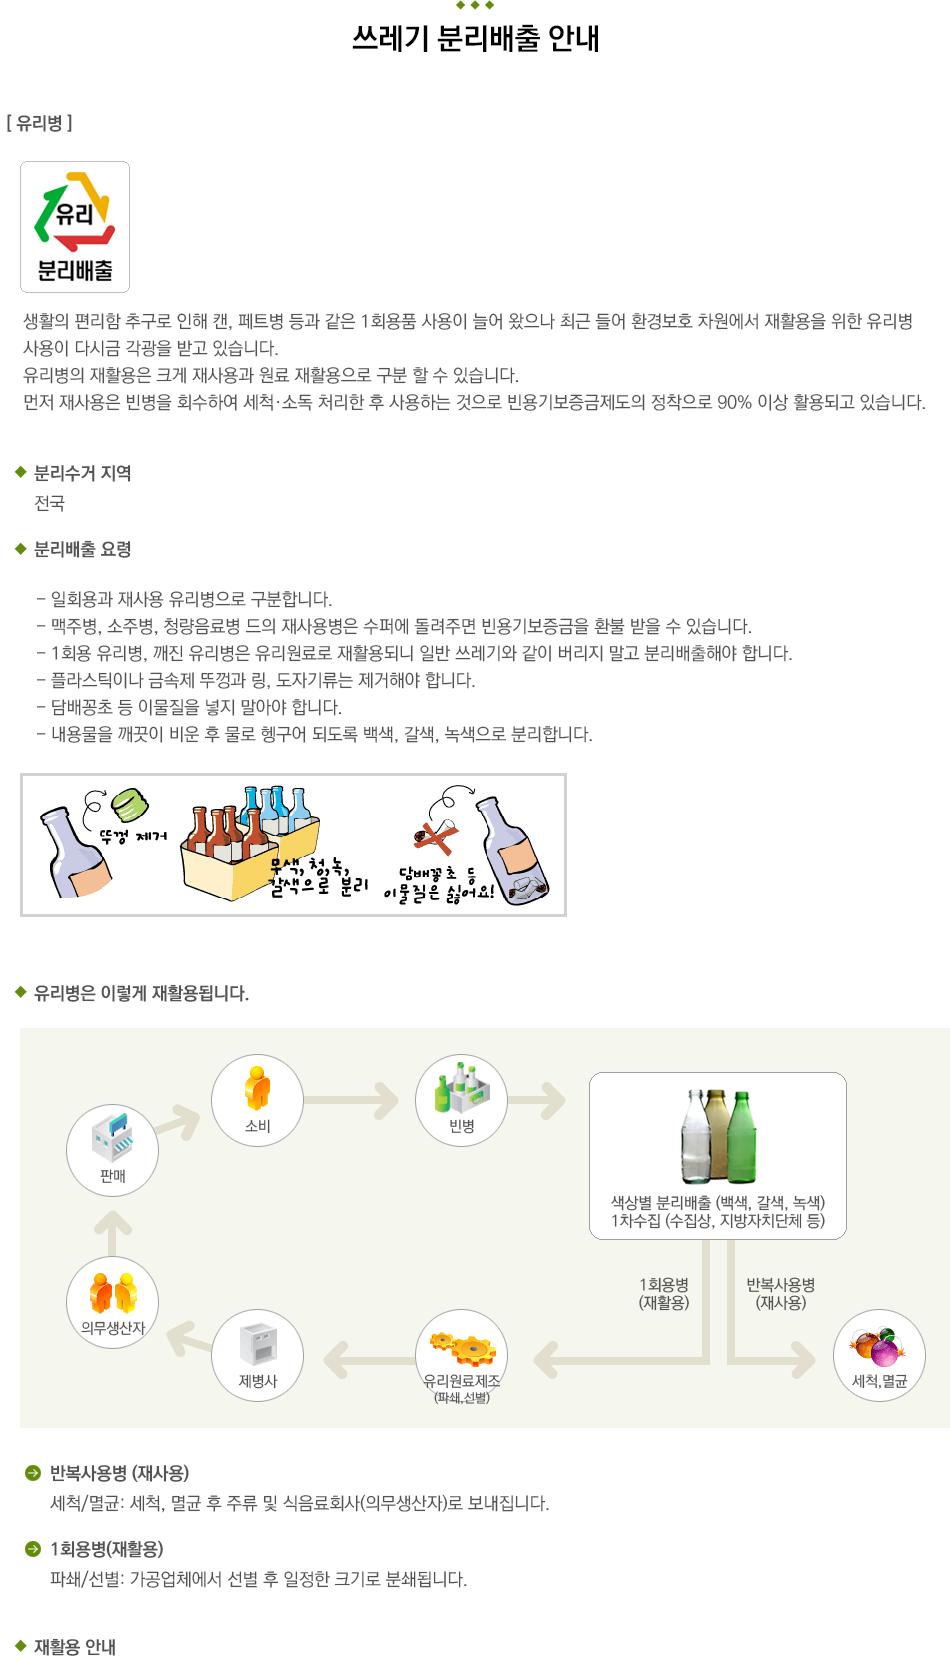 쓰레기분리배출_3유리병.png